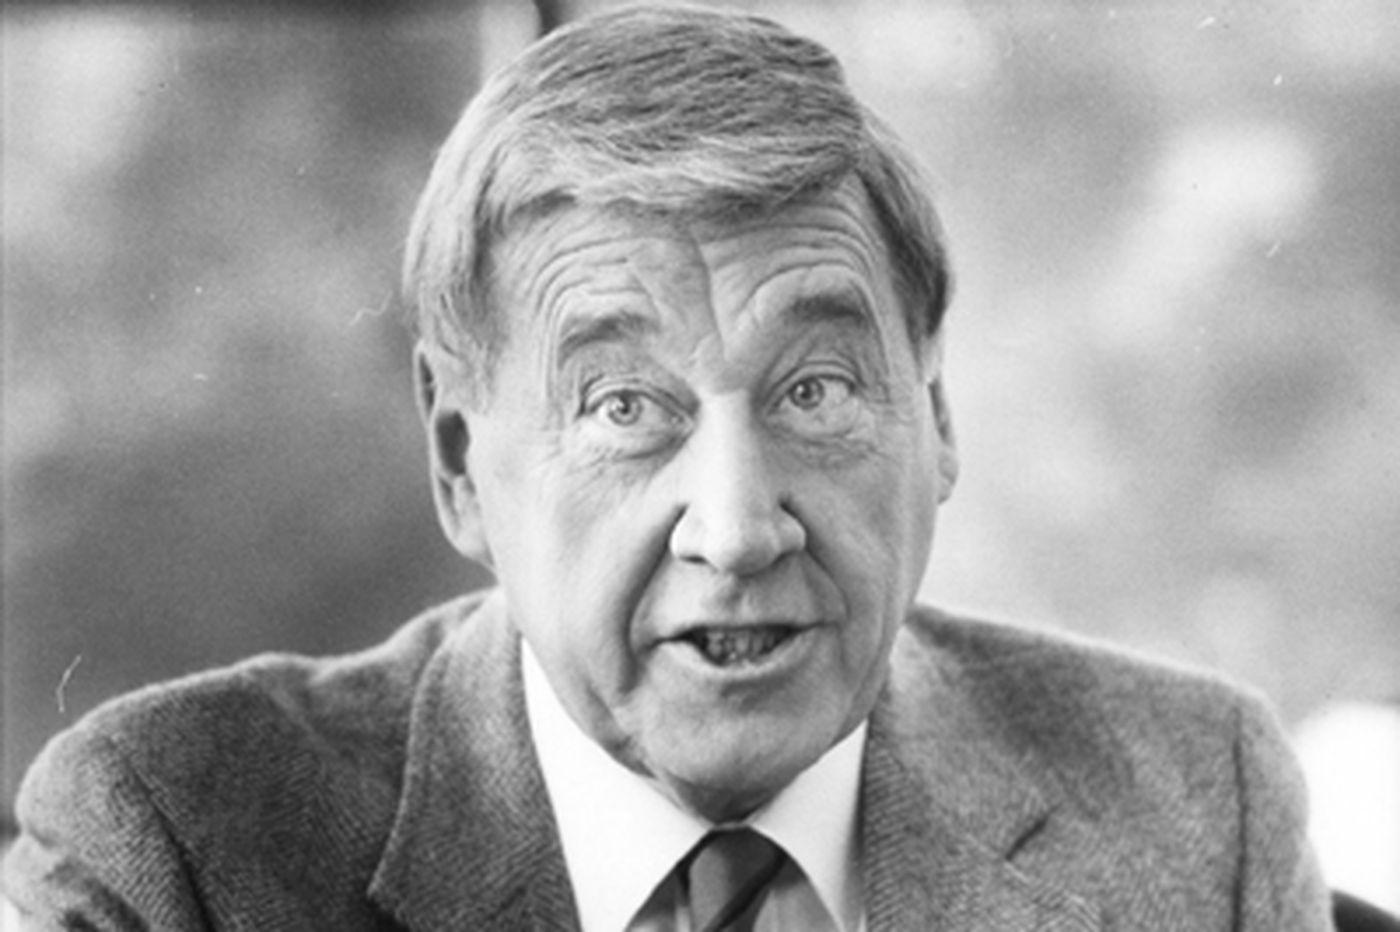 Herb Clarke 84 Longtime Channel 10 Weatherman